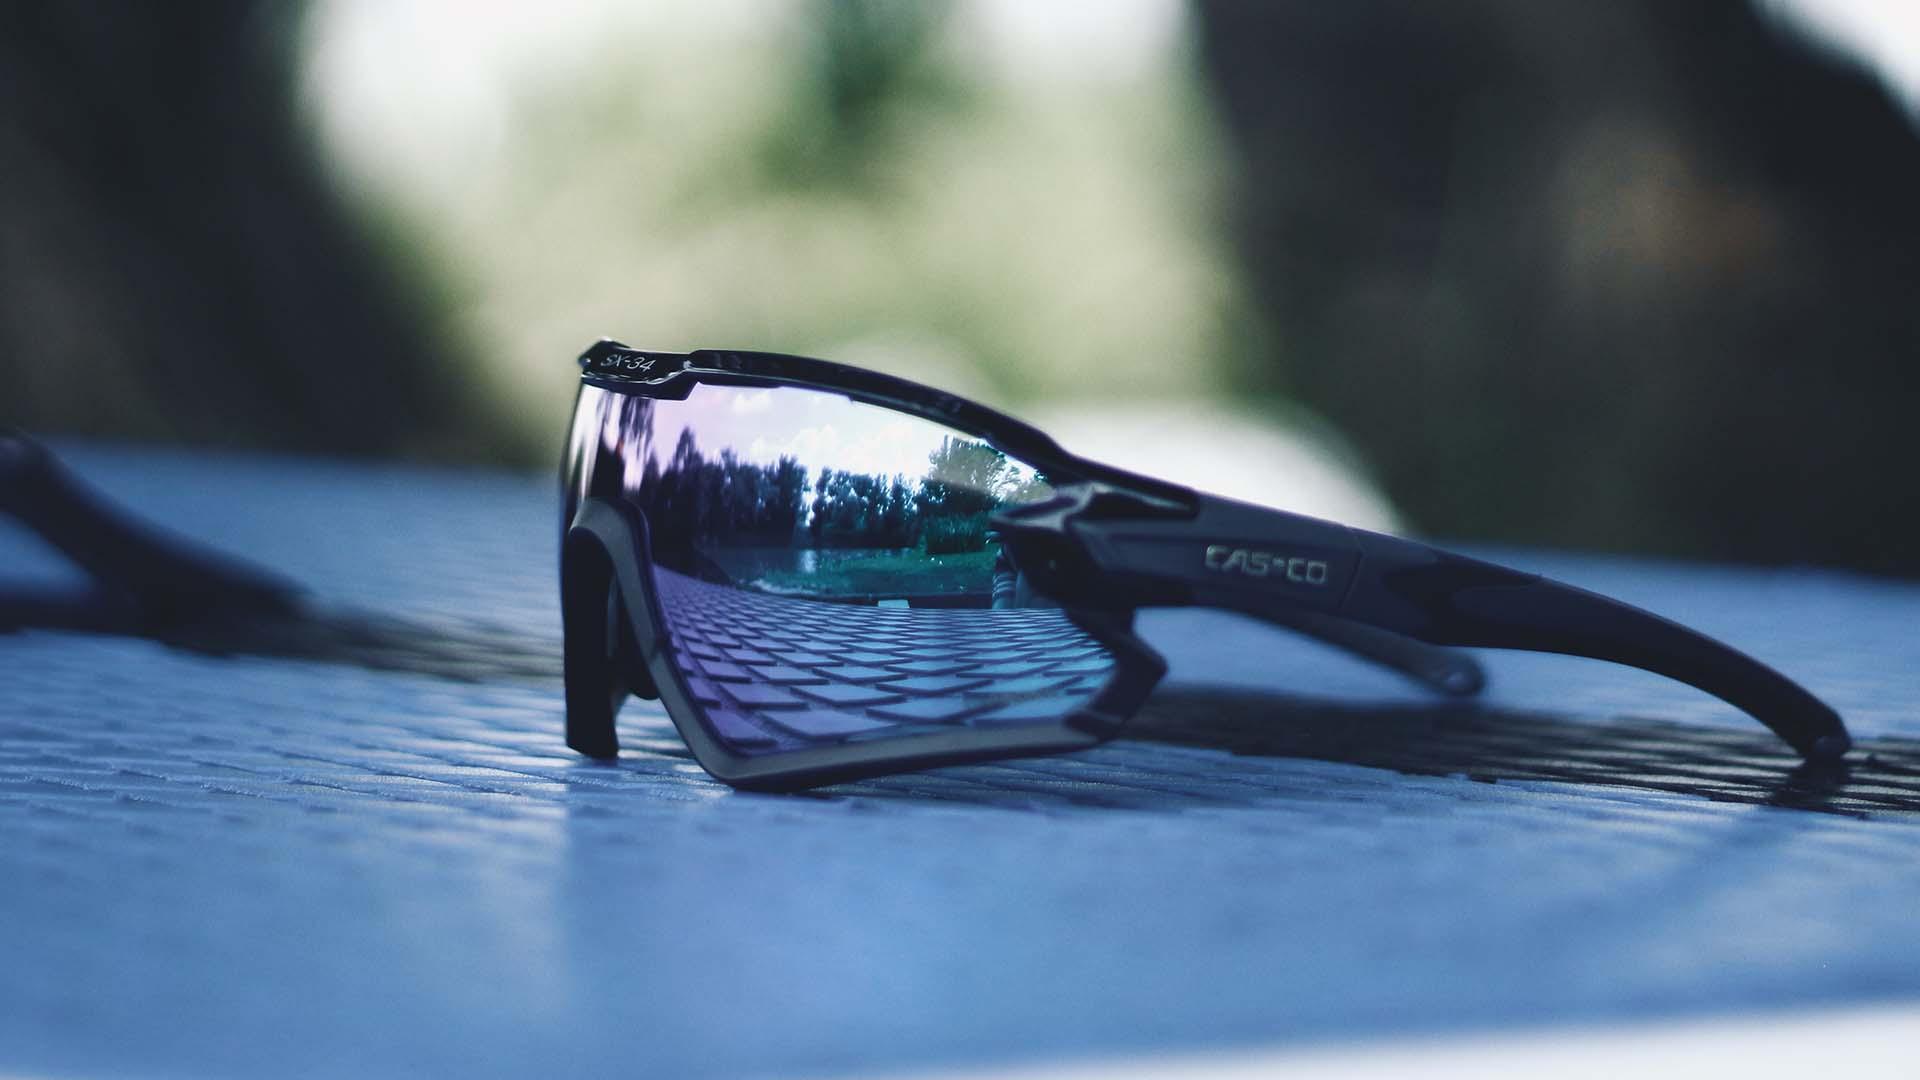 Funkcionális szemüveg sportoláshoz kifejlesztve: Casco SX-34 sportszemüveg-1